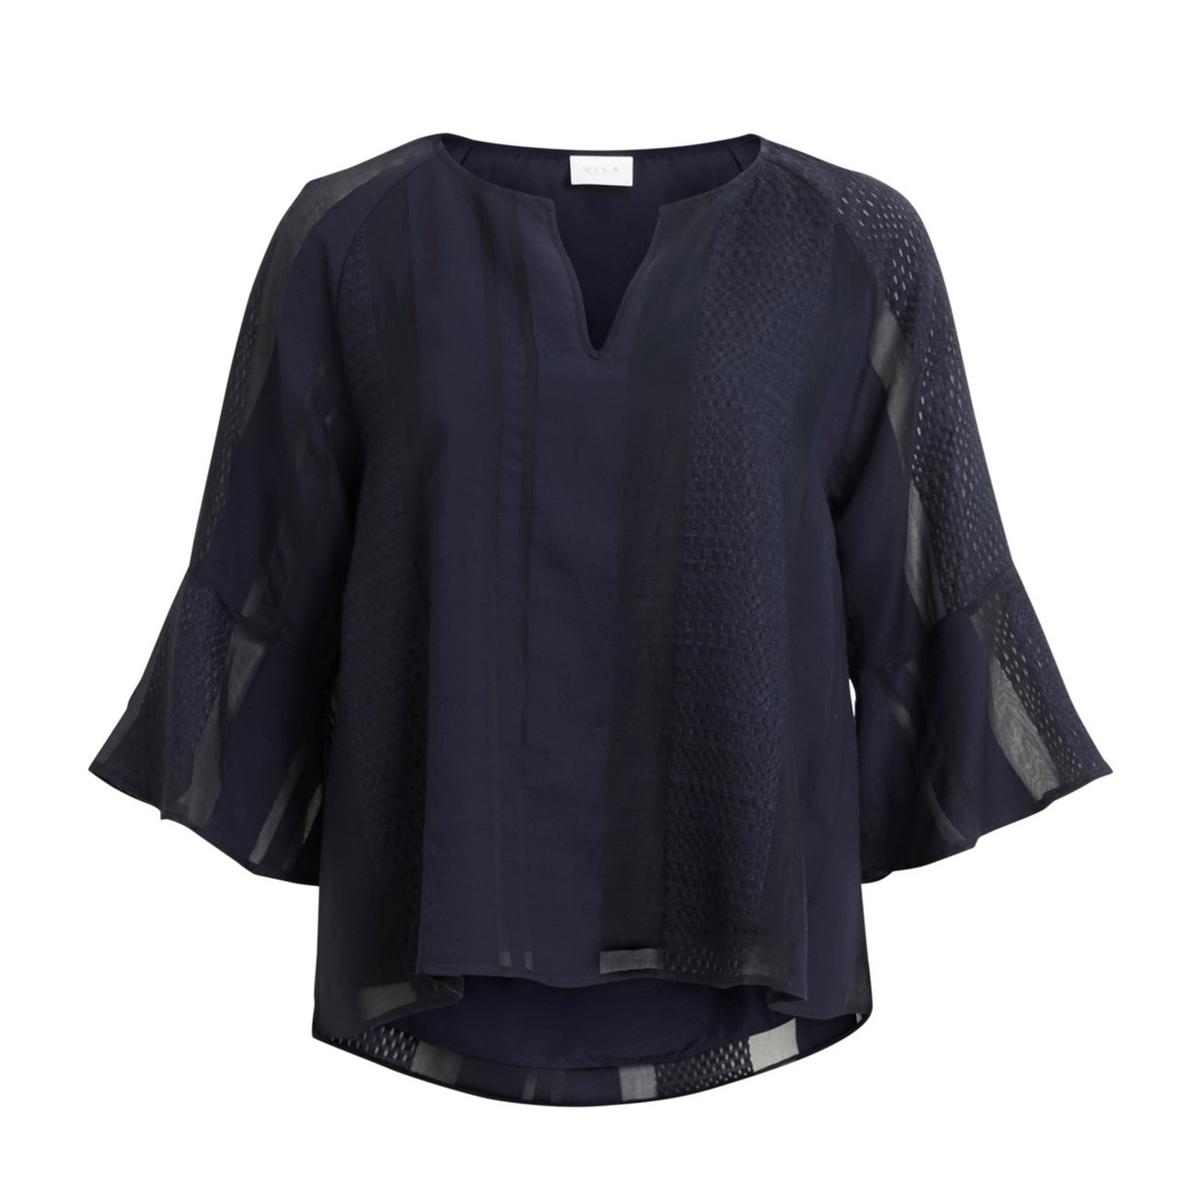 Блузка La Redoute С рукавми и V-образным вырезом 36 (FR) - 42 (RUS) синий платье la redoute радужное estelle 36 fr 42 rus черный